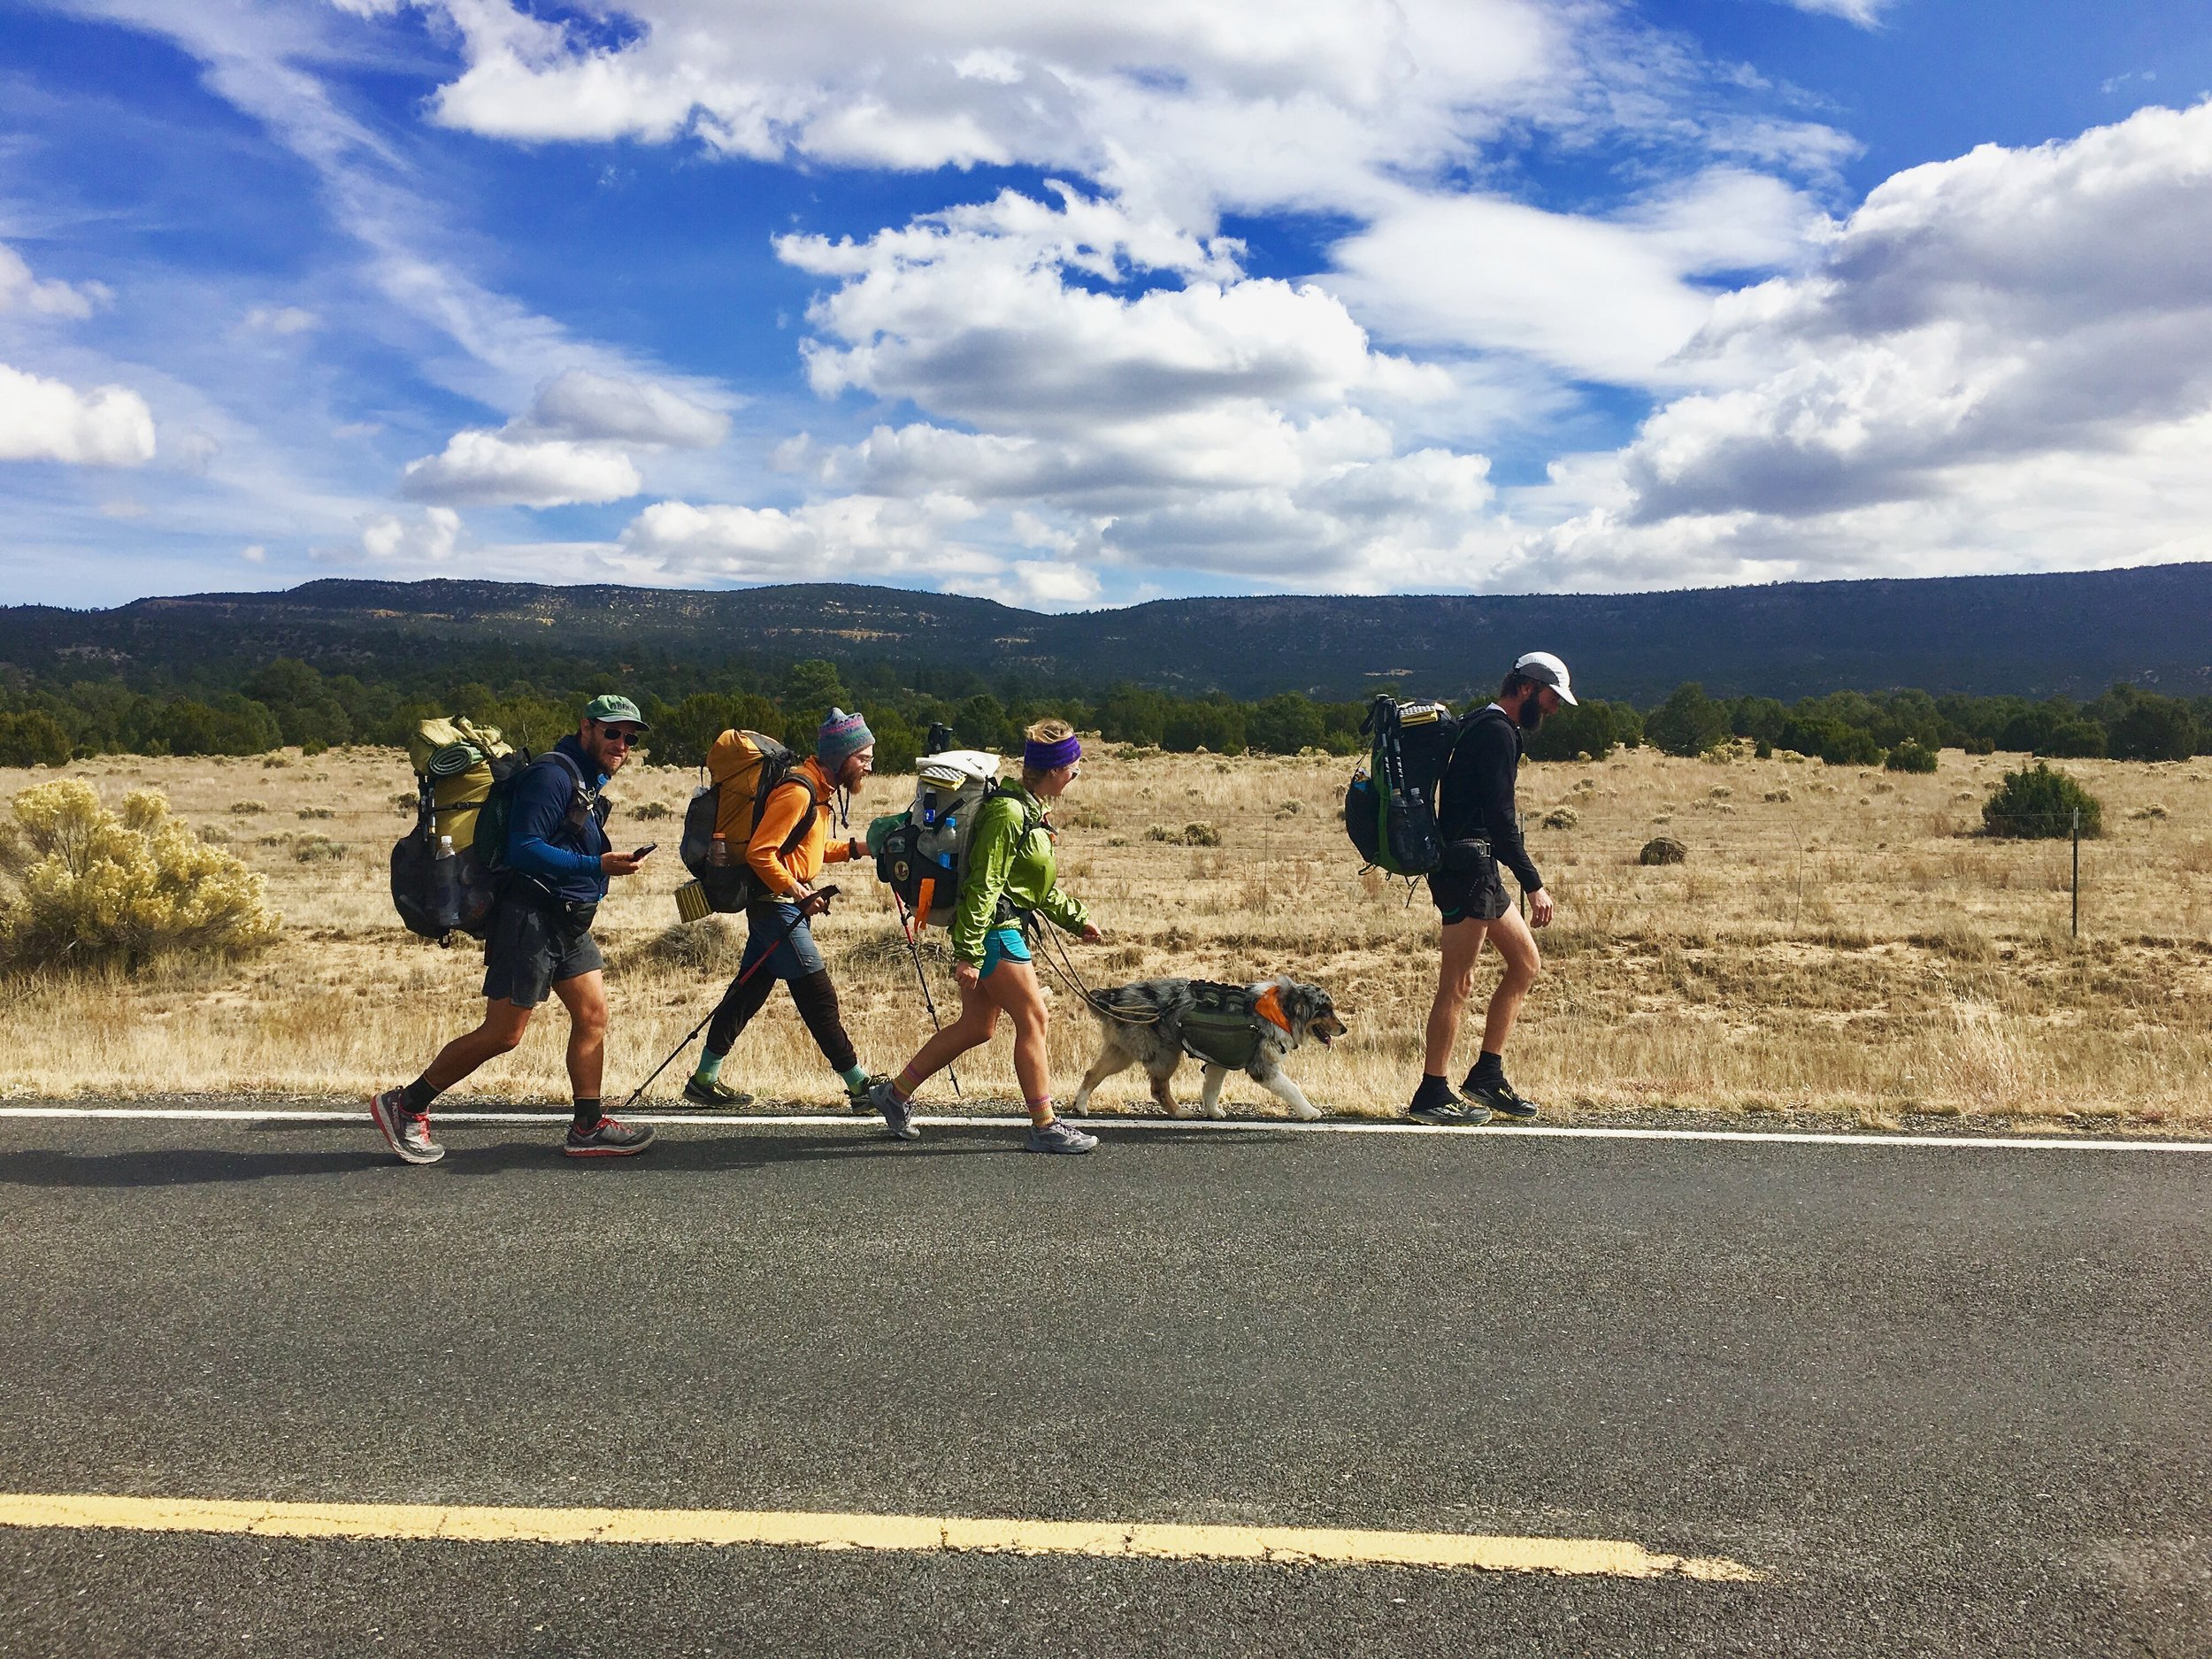 El Malpais National Monument, NM